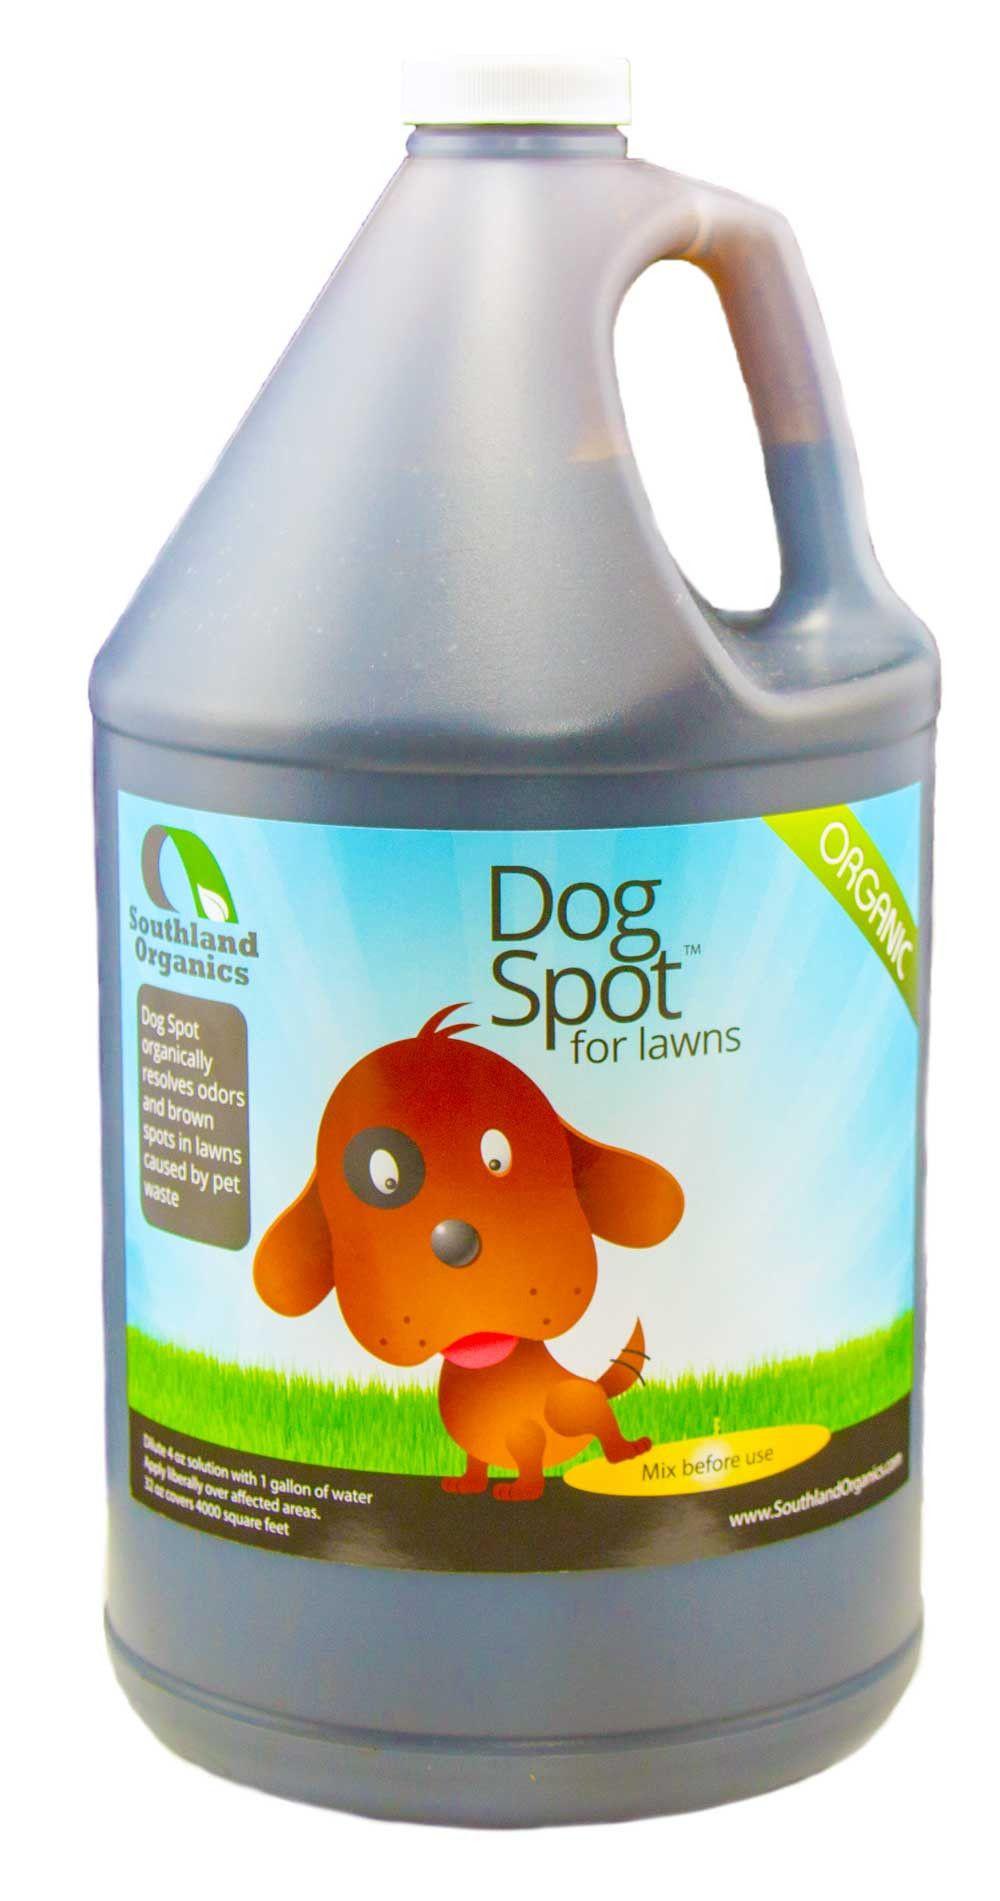 Dog spot for lawns dog urine dog yard lawn